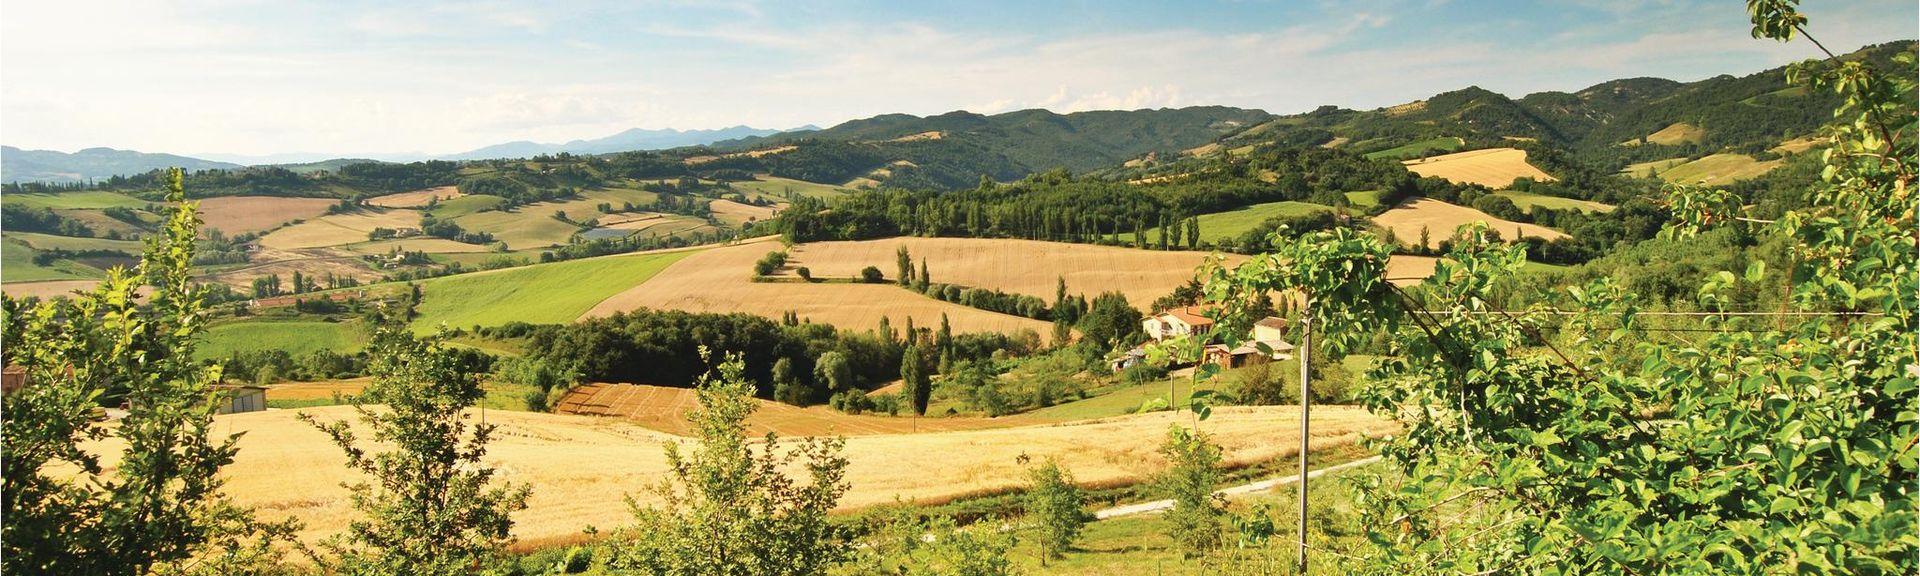 Passignano sul Trasimeno, Umbria, Italia